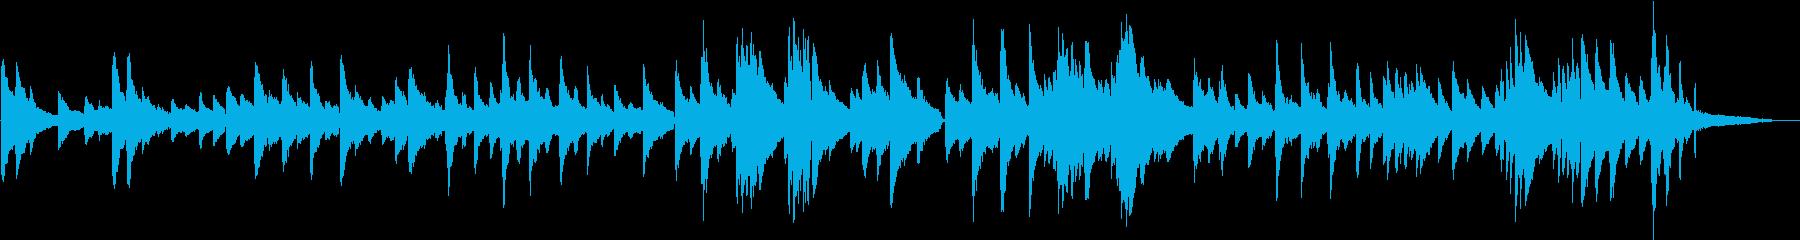 生演奏 ゆったりとしたピアノ曲の再生済みの波形